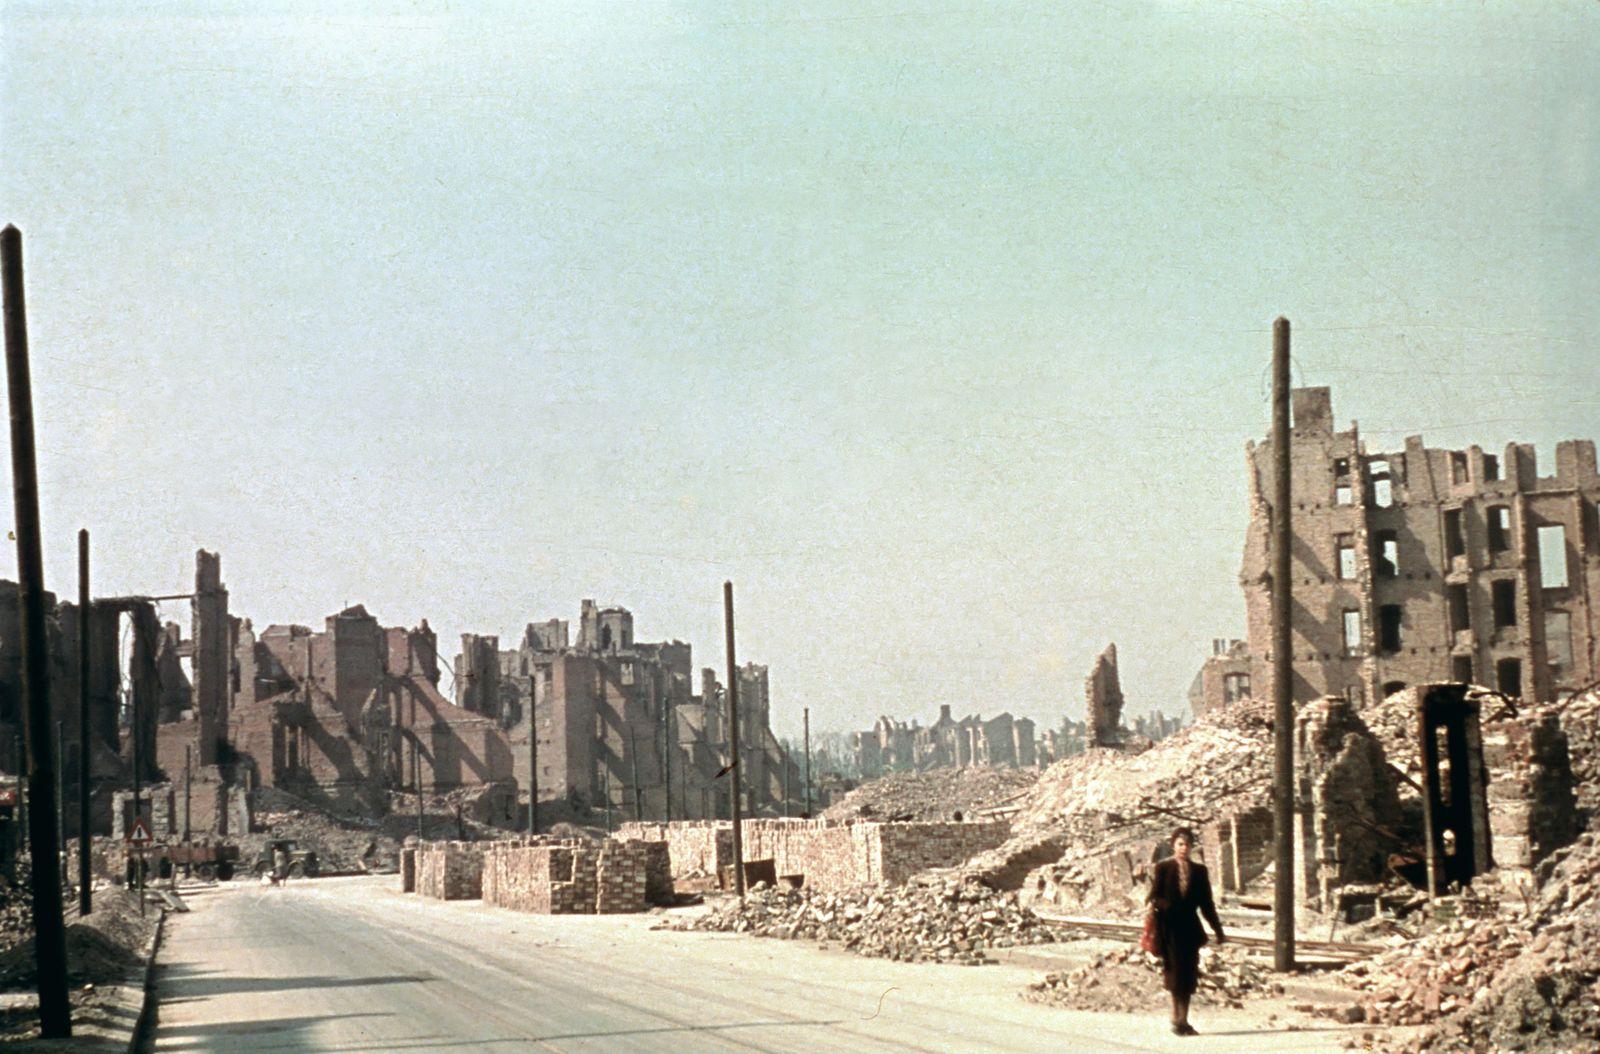 Zerstörungen Berlin 1945 - Ruinen an der Budapester Strasse